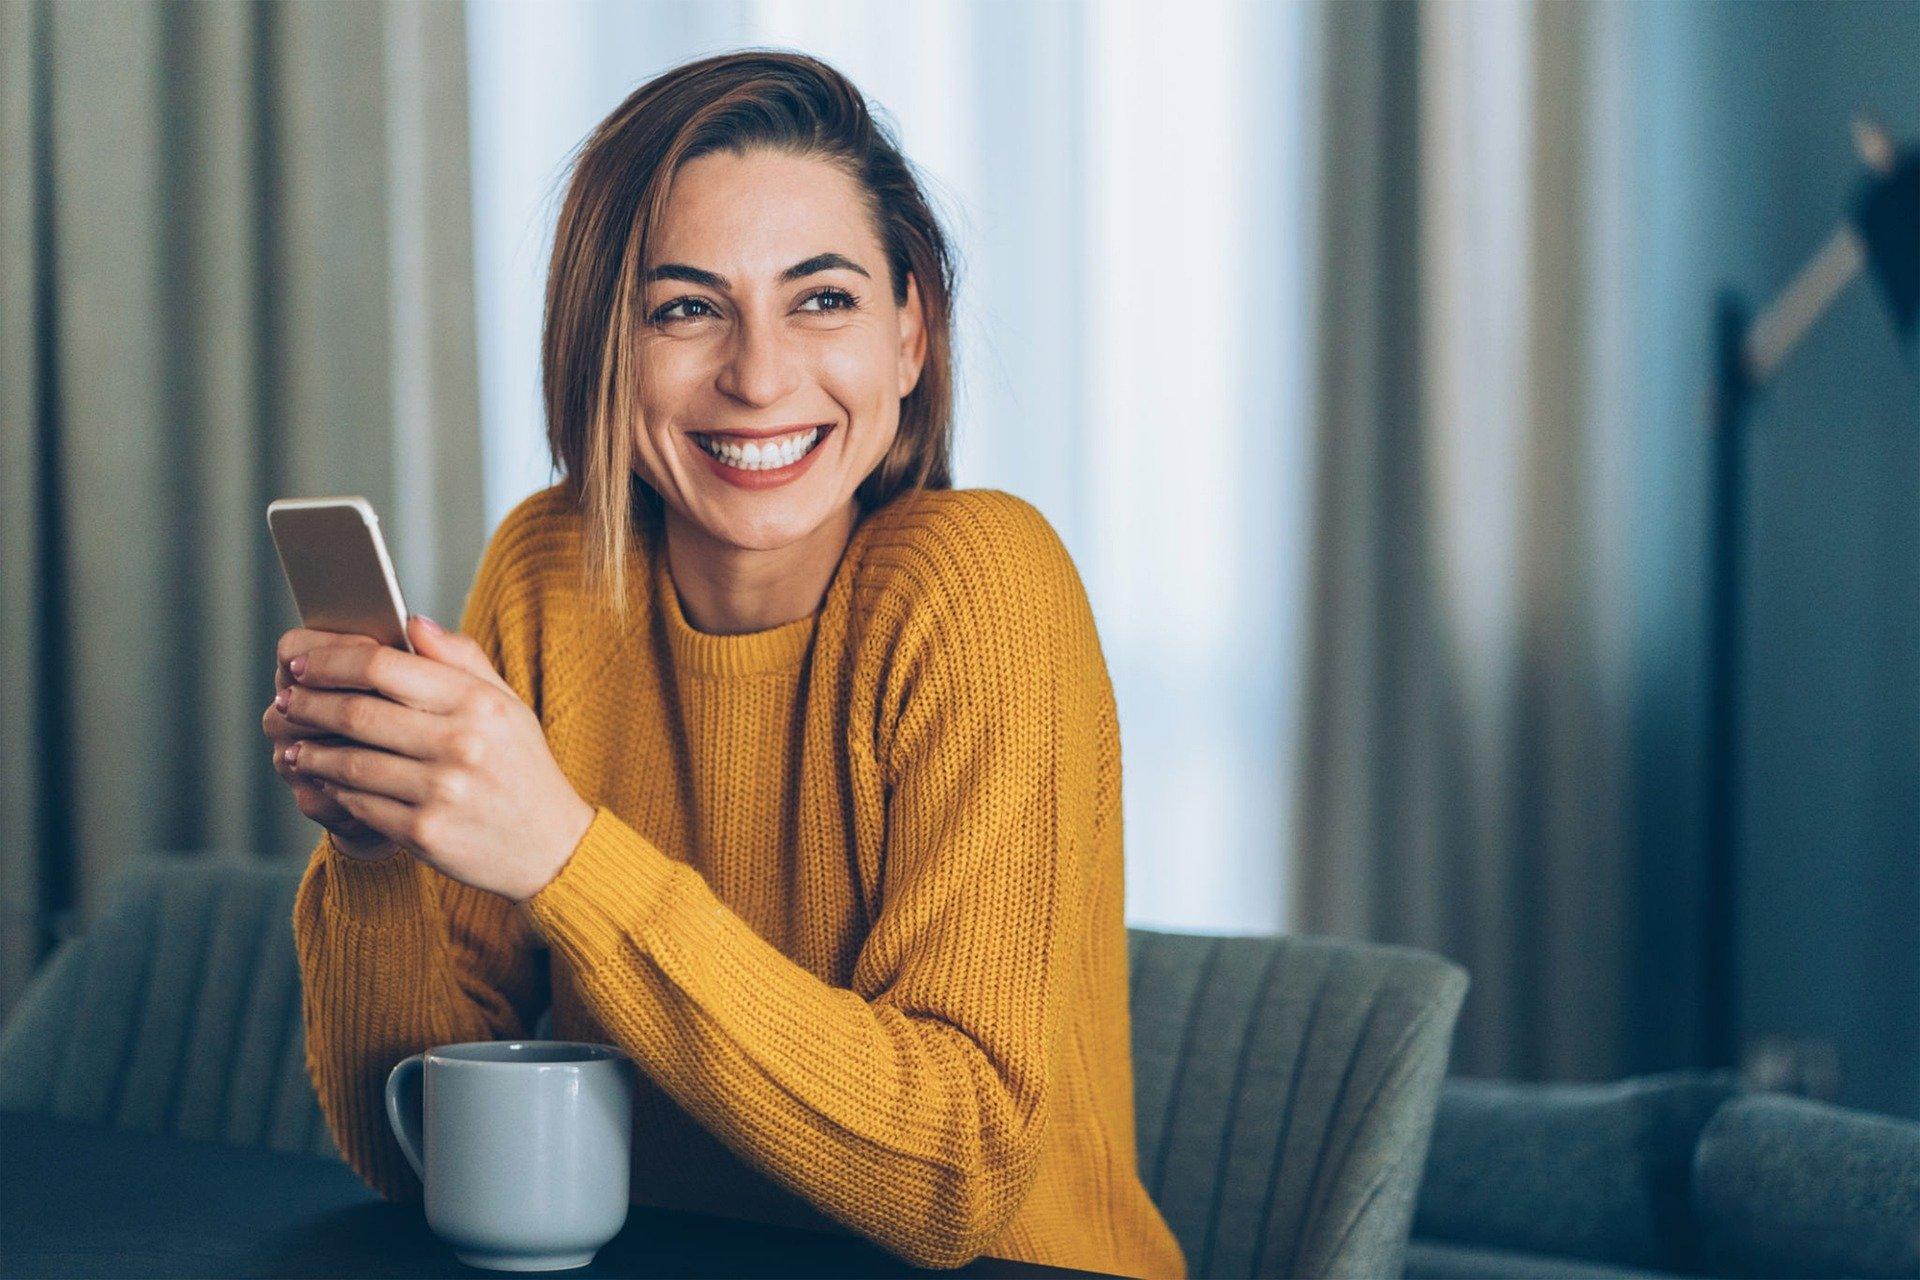 Δημιουργώντας ένα επιτυχημένο live chat για την ξενοδοχειακή ιστοσελίδα σας